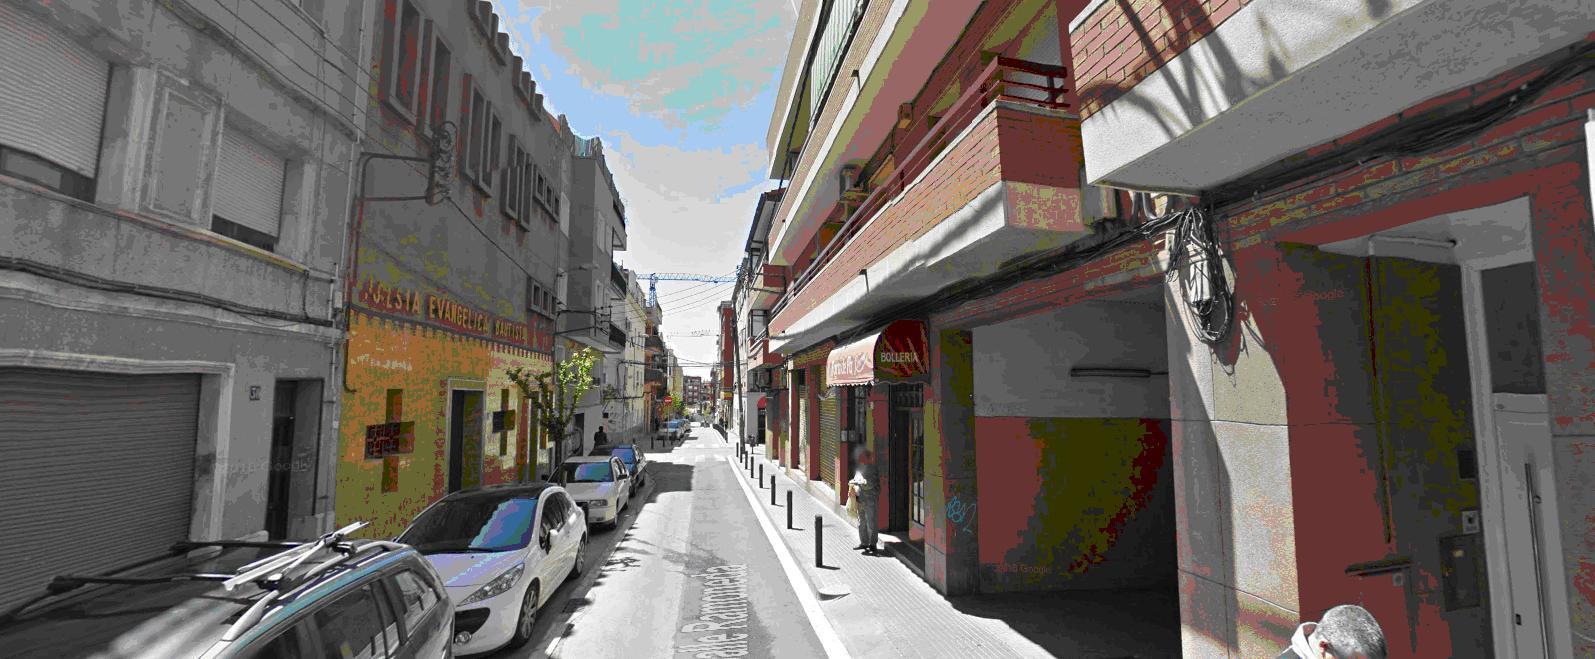 182666 - Junto a la calle de la Miranda